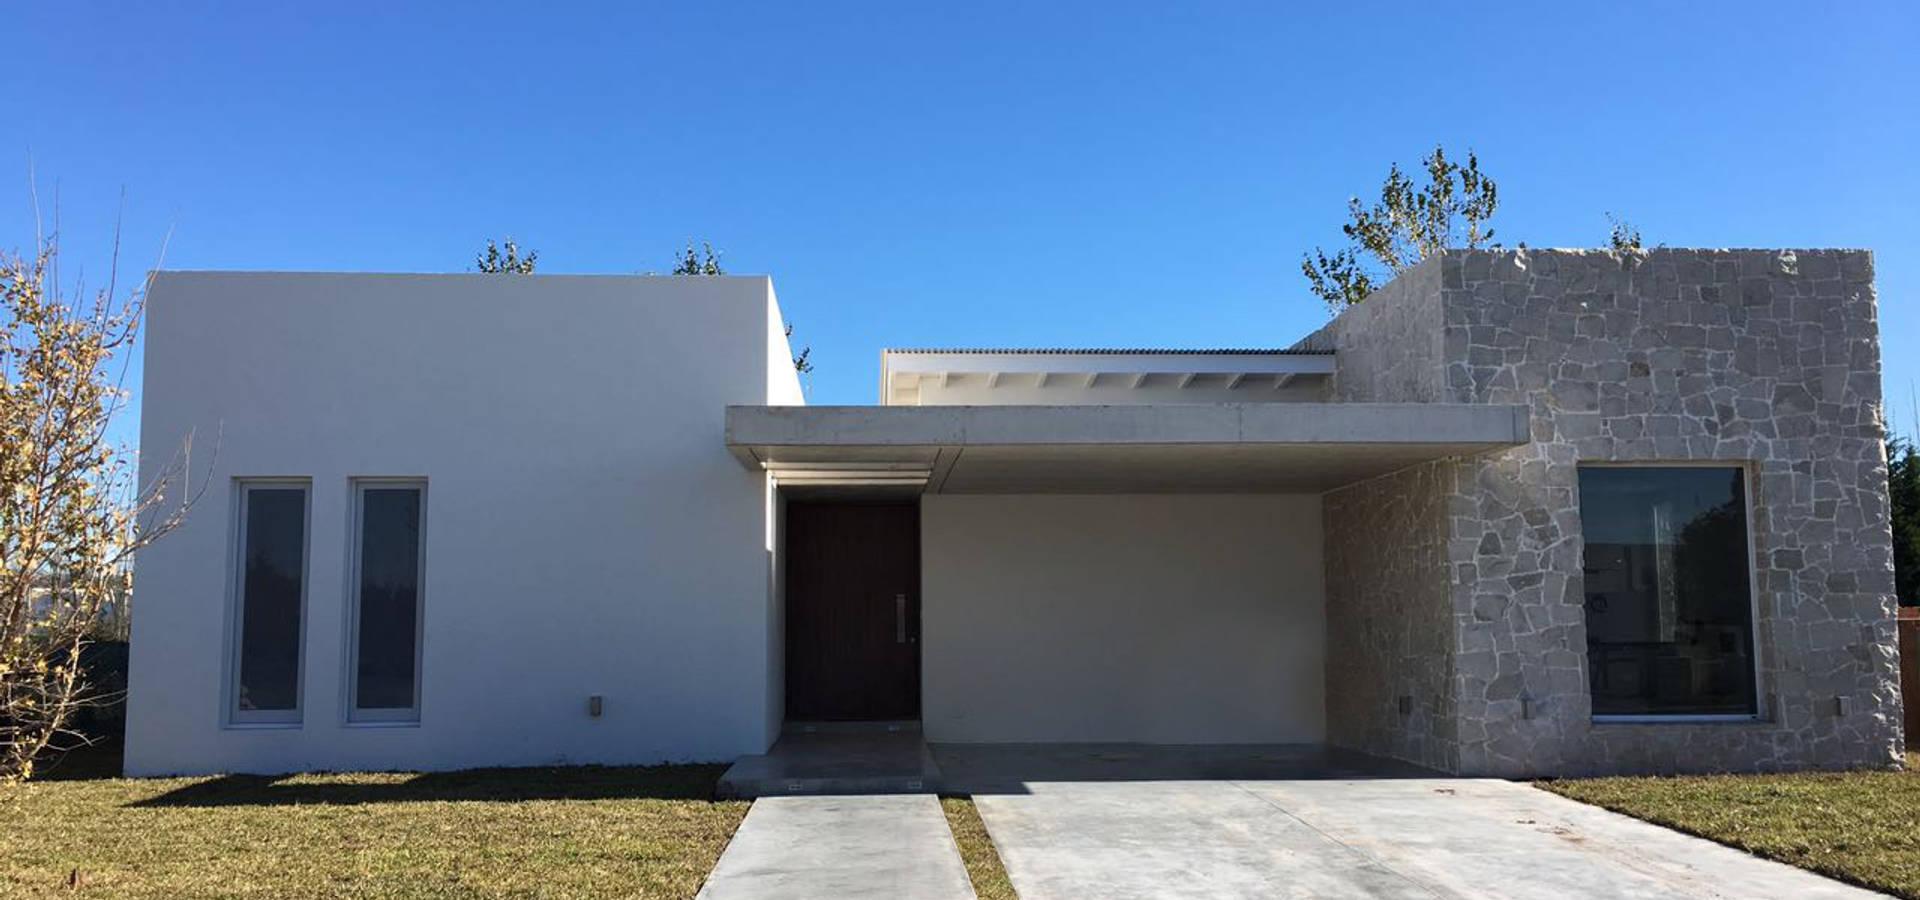 Casa soljan de estudio victoria suriguez homify for Homify casas